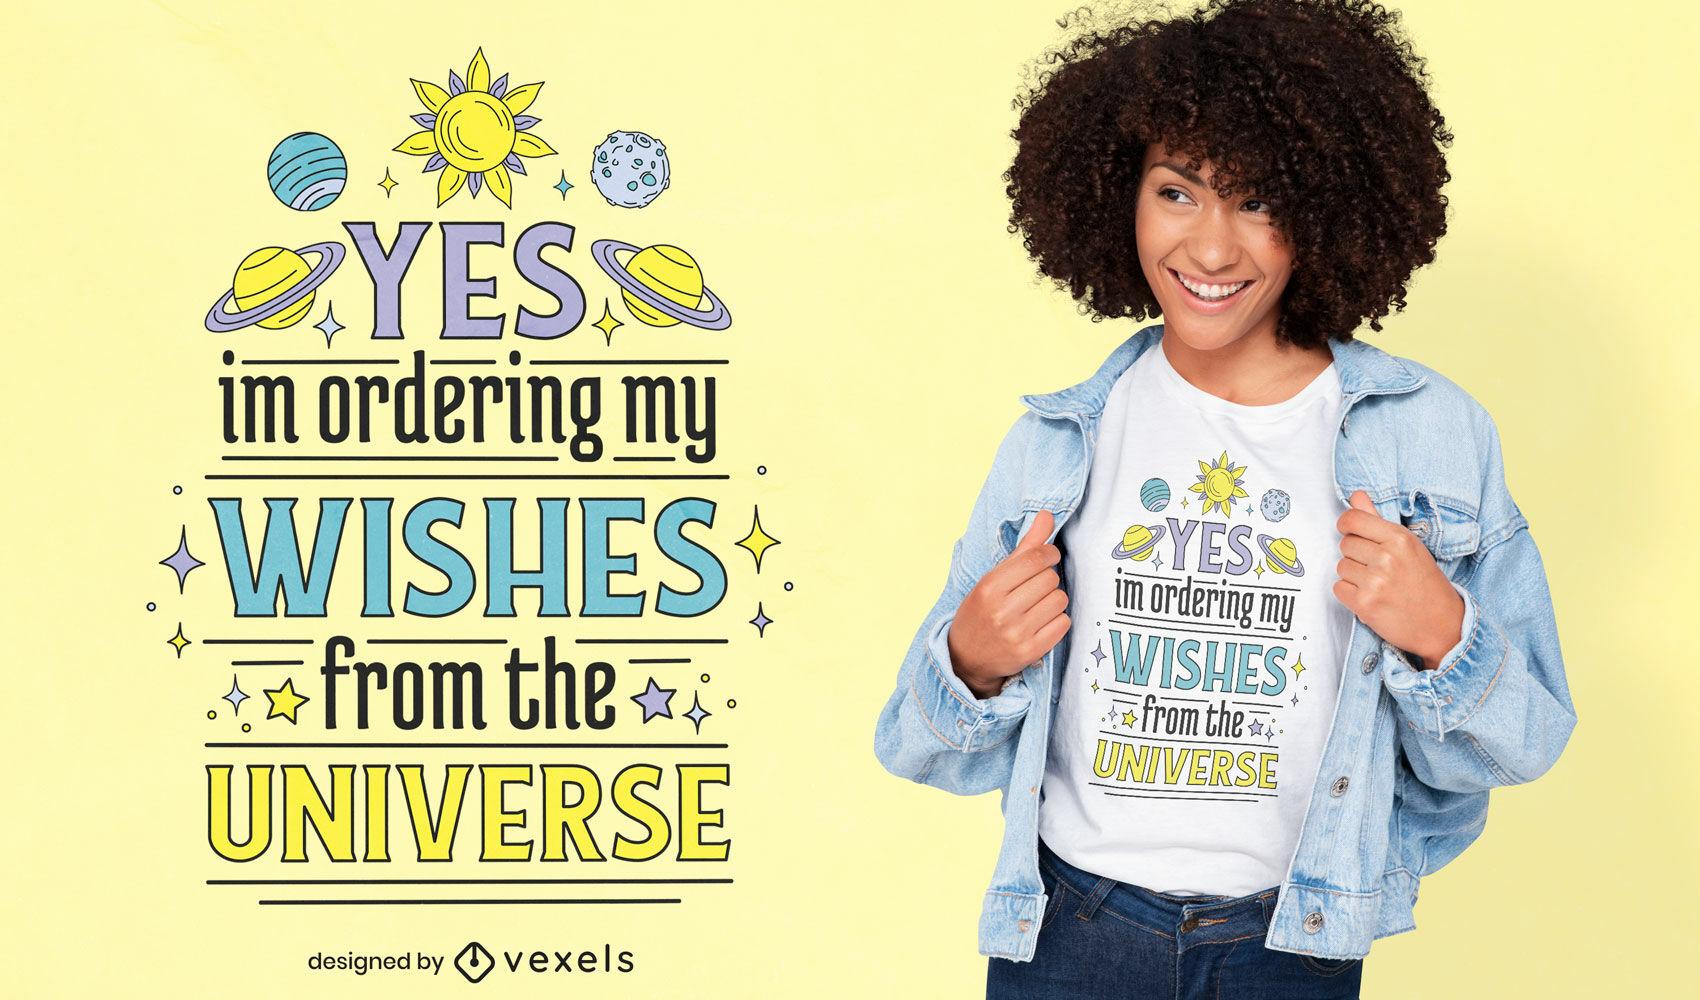 Universo deseja design de t-shirt com citação